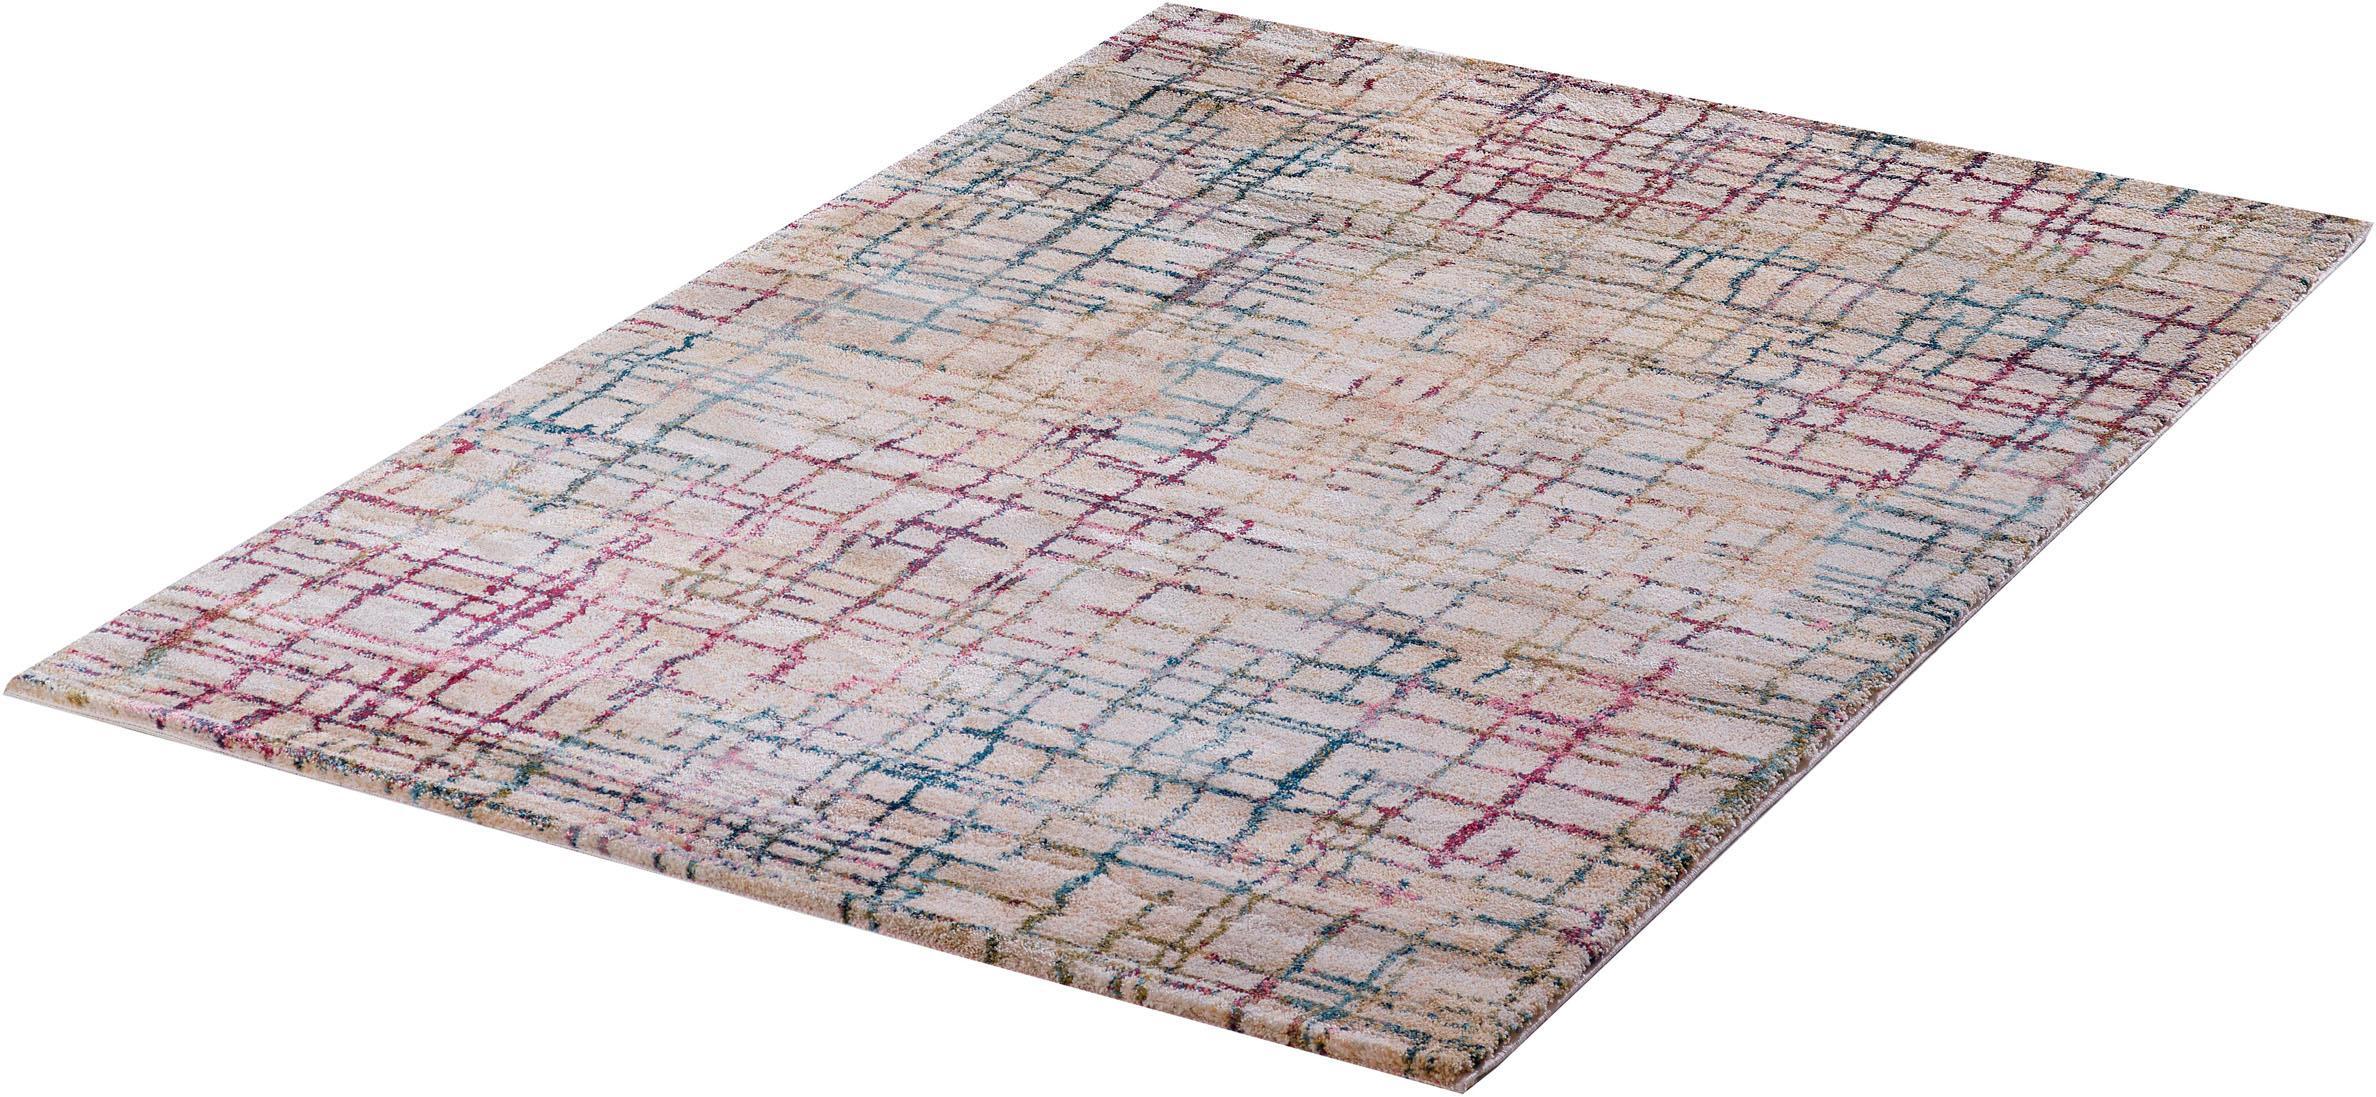 Teppich Bali 2606 Sanat Teppiche rechteckig Höhe 20 mm maschinell gewebt